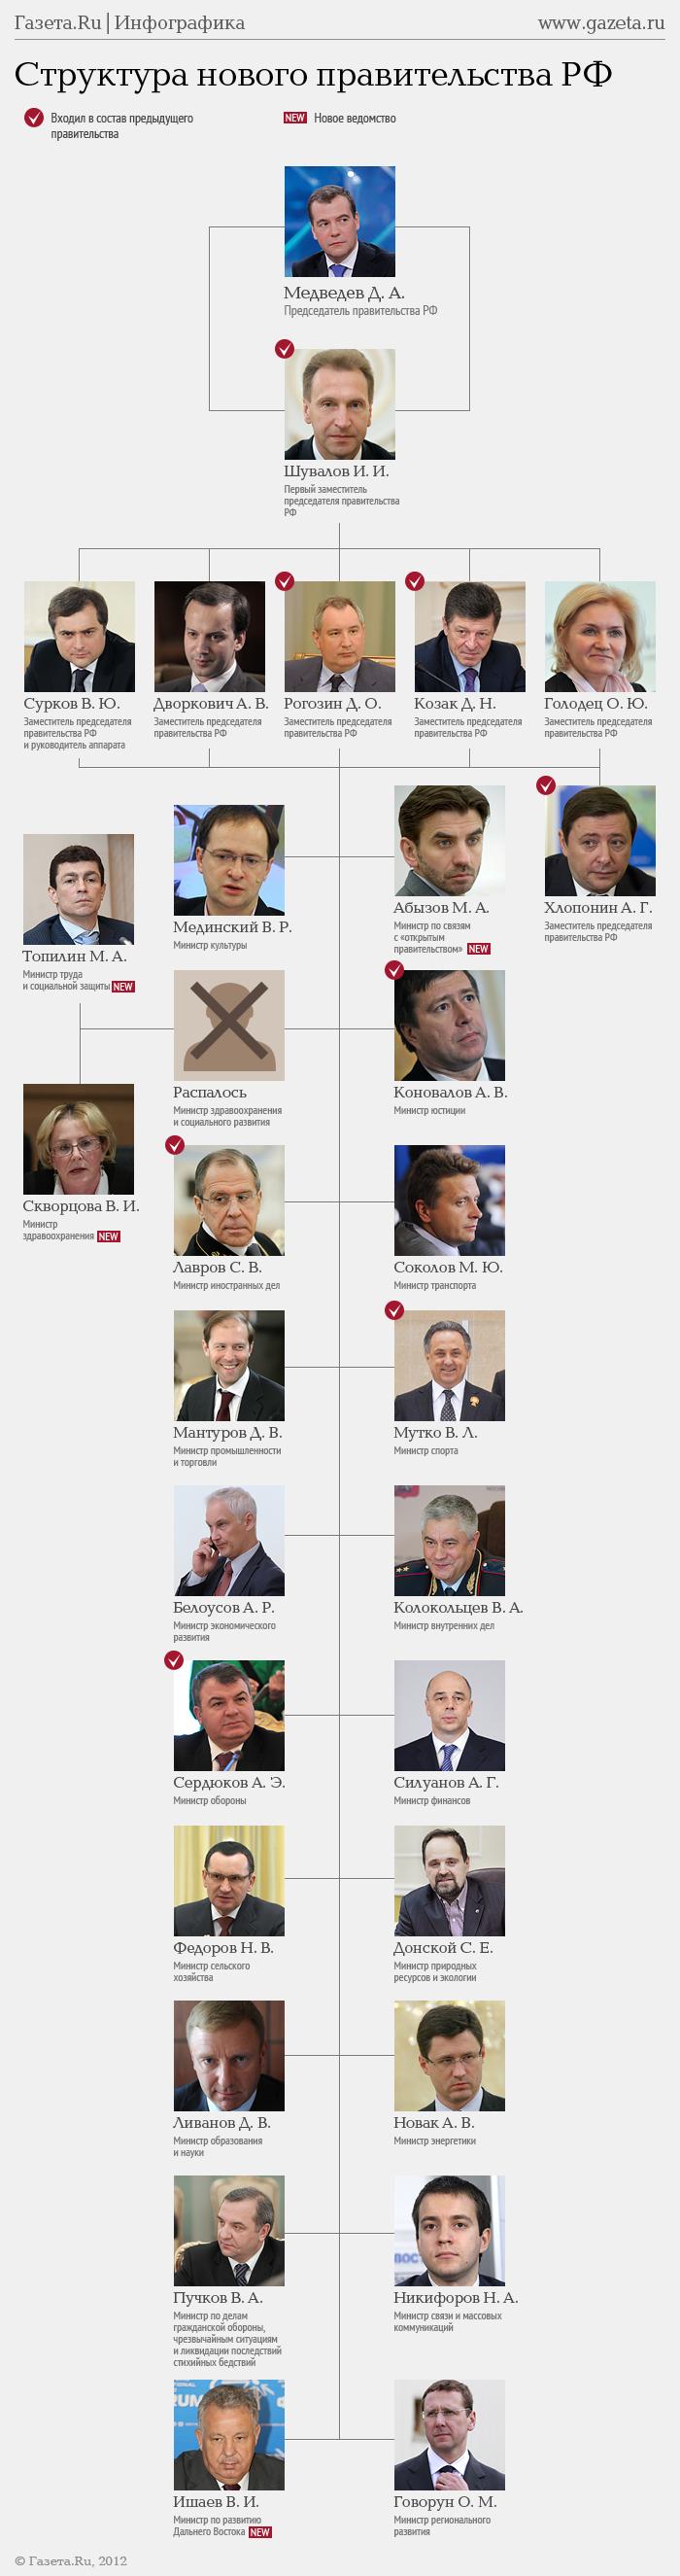 Список членов правительства рф 14 фотография